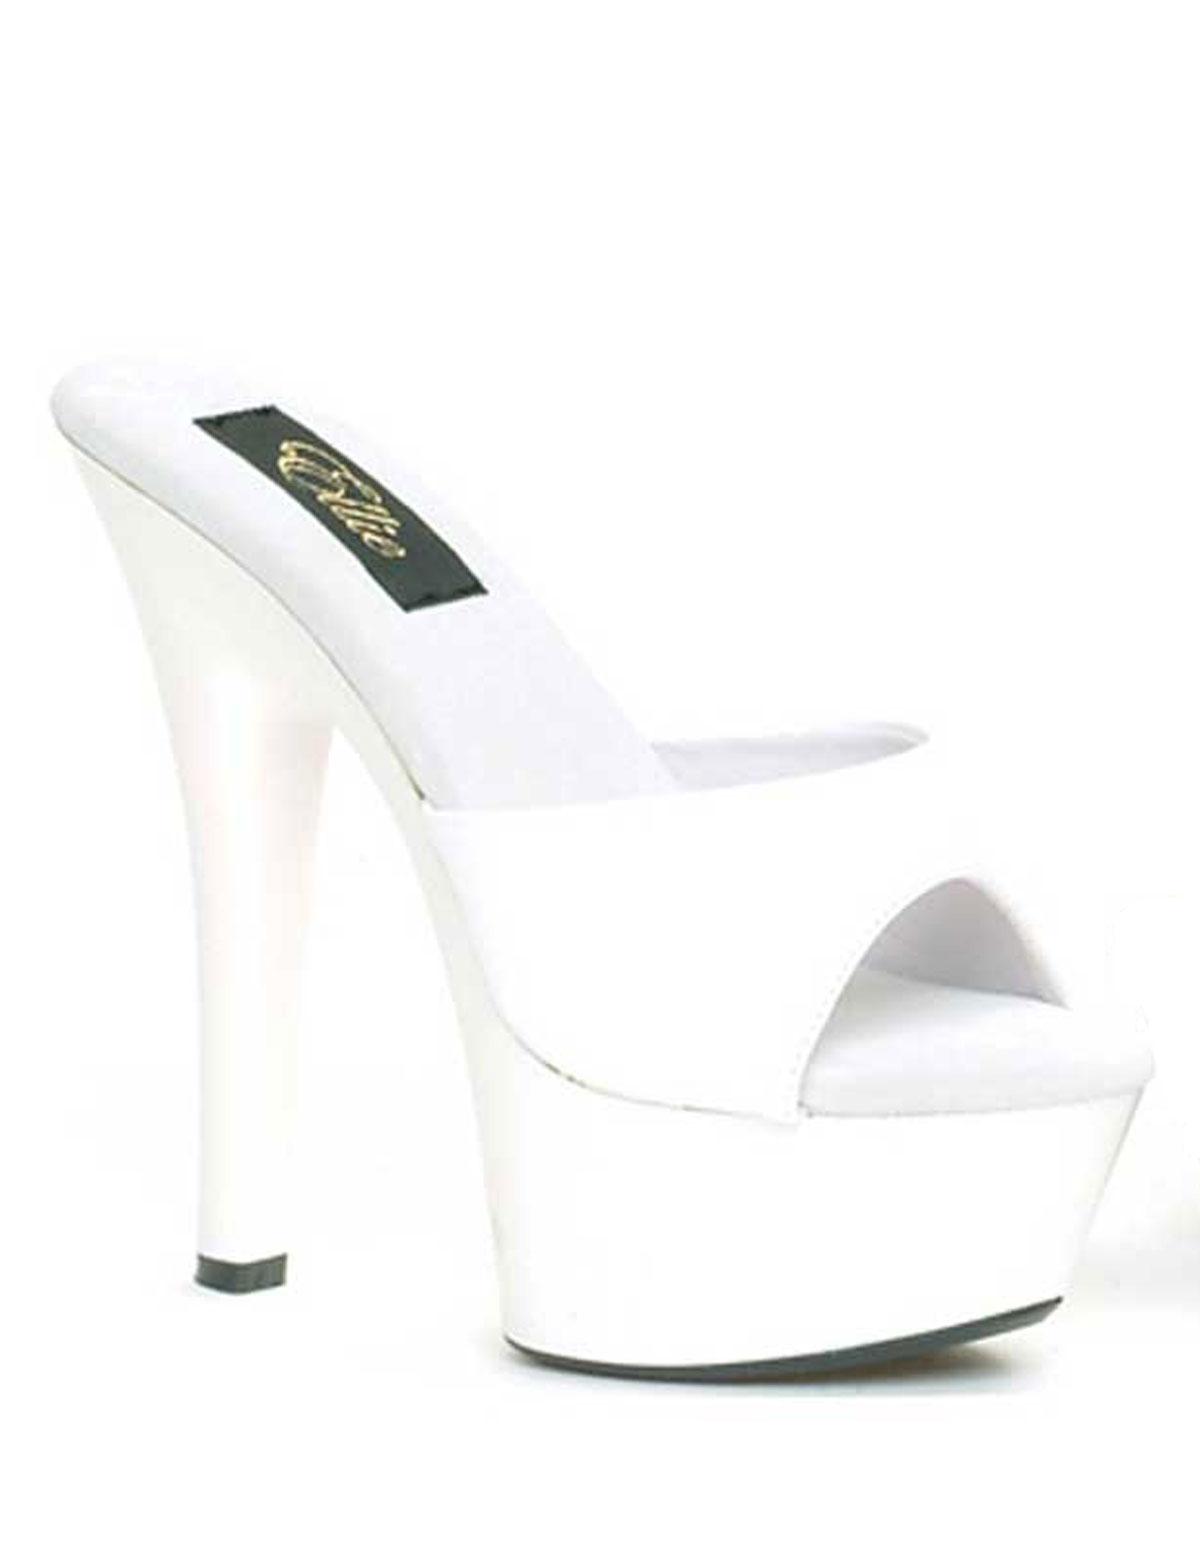 Vanity 6 Inch Shoe